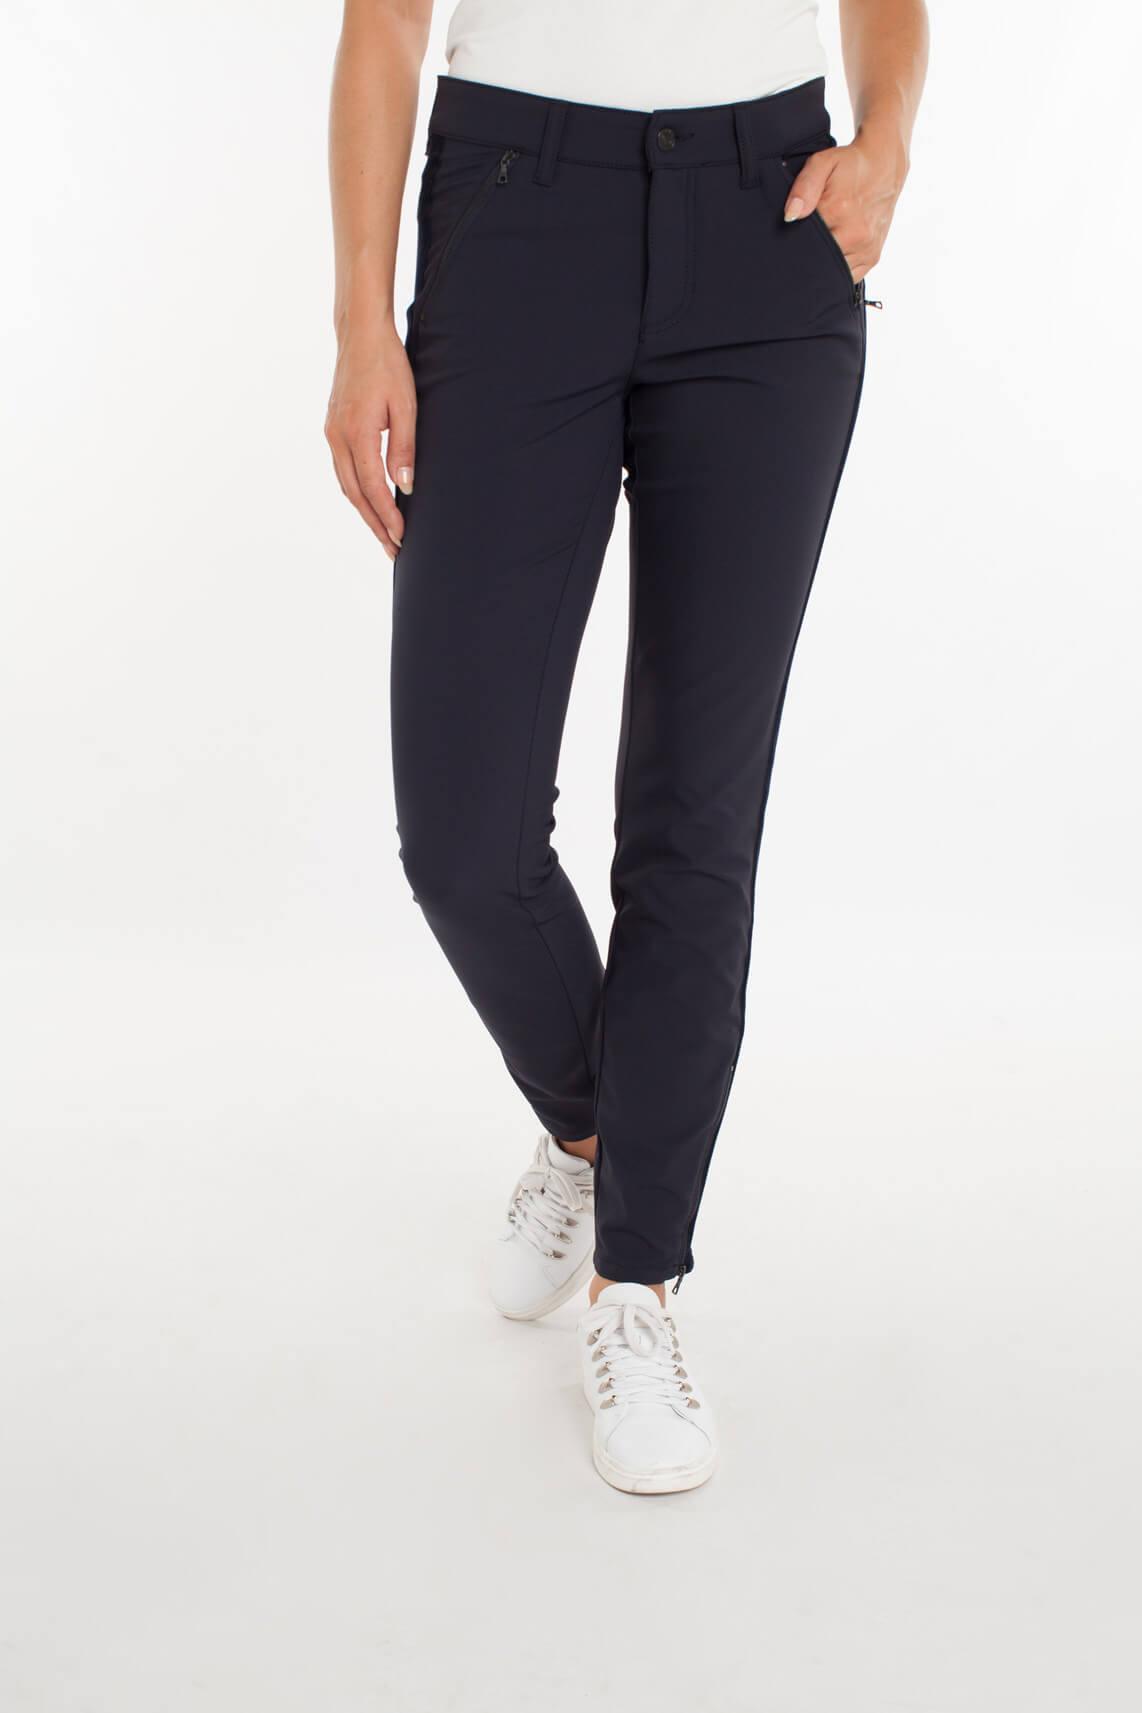 Cambio Dames Parla zip pantalon met fluwelen bies Blauw